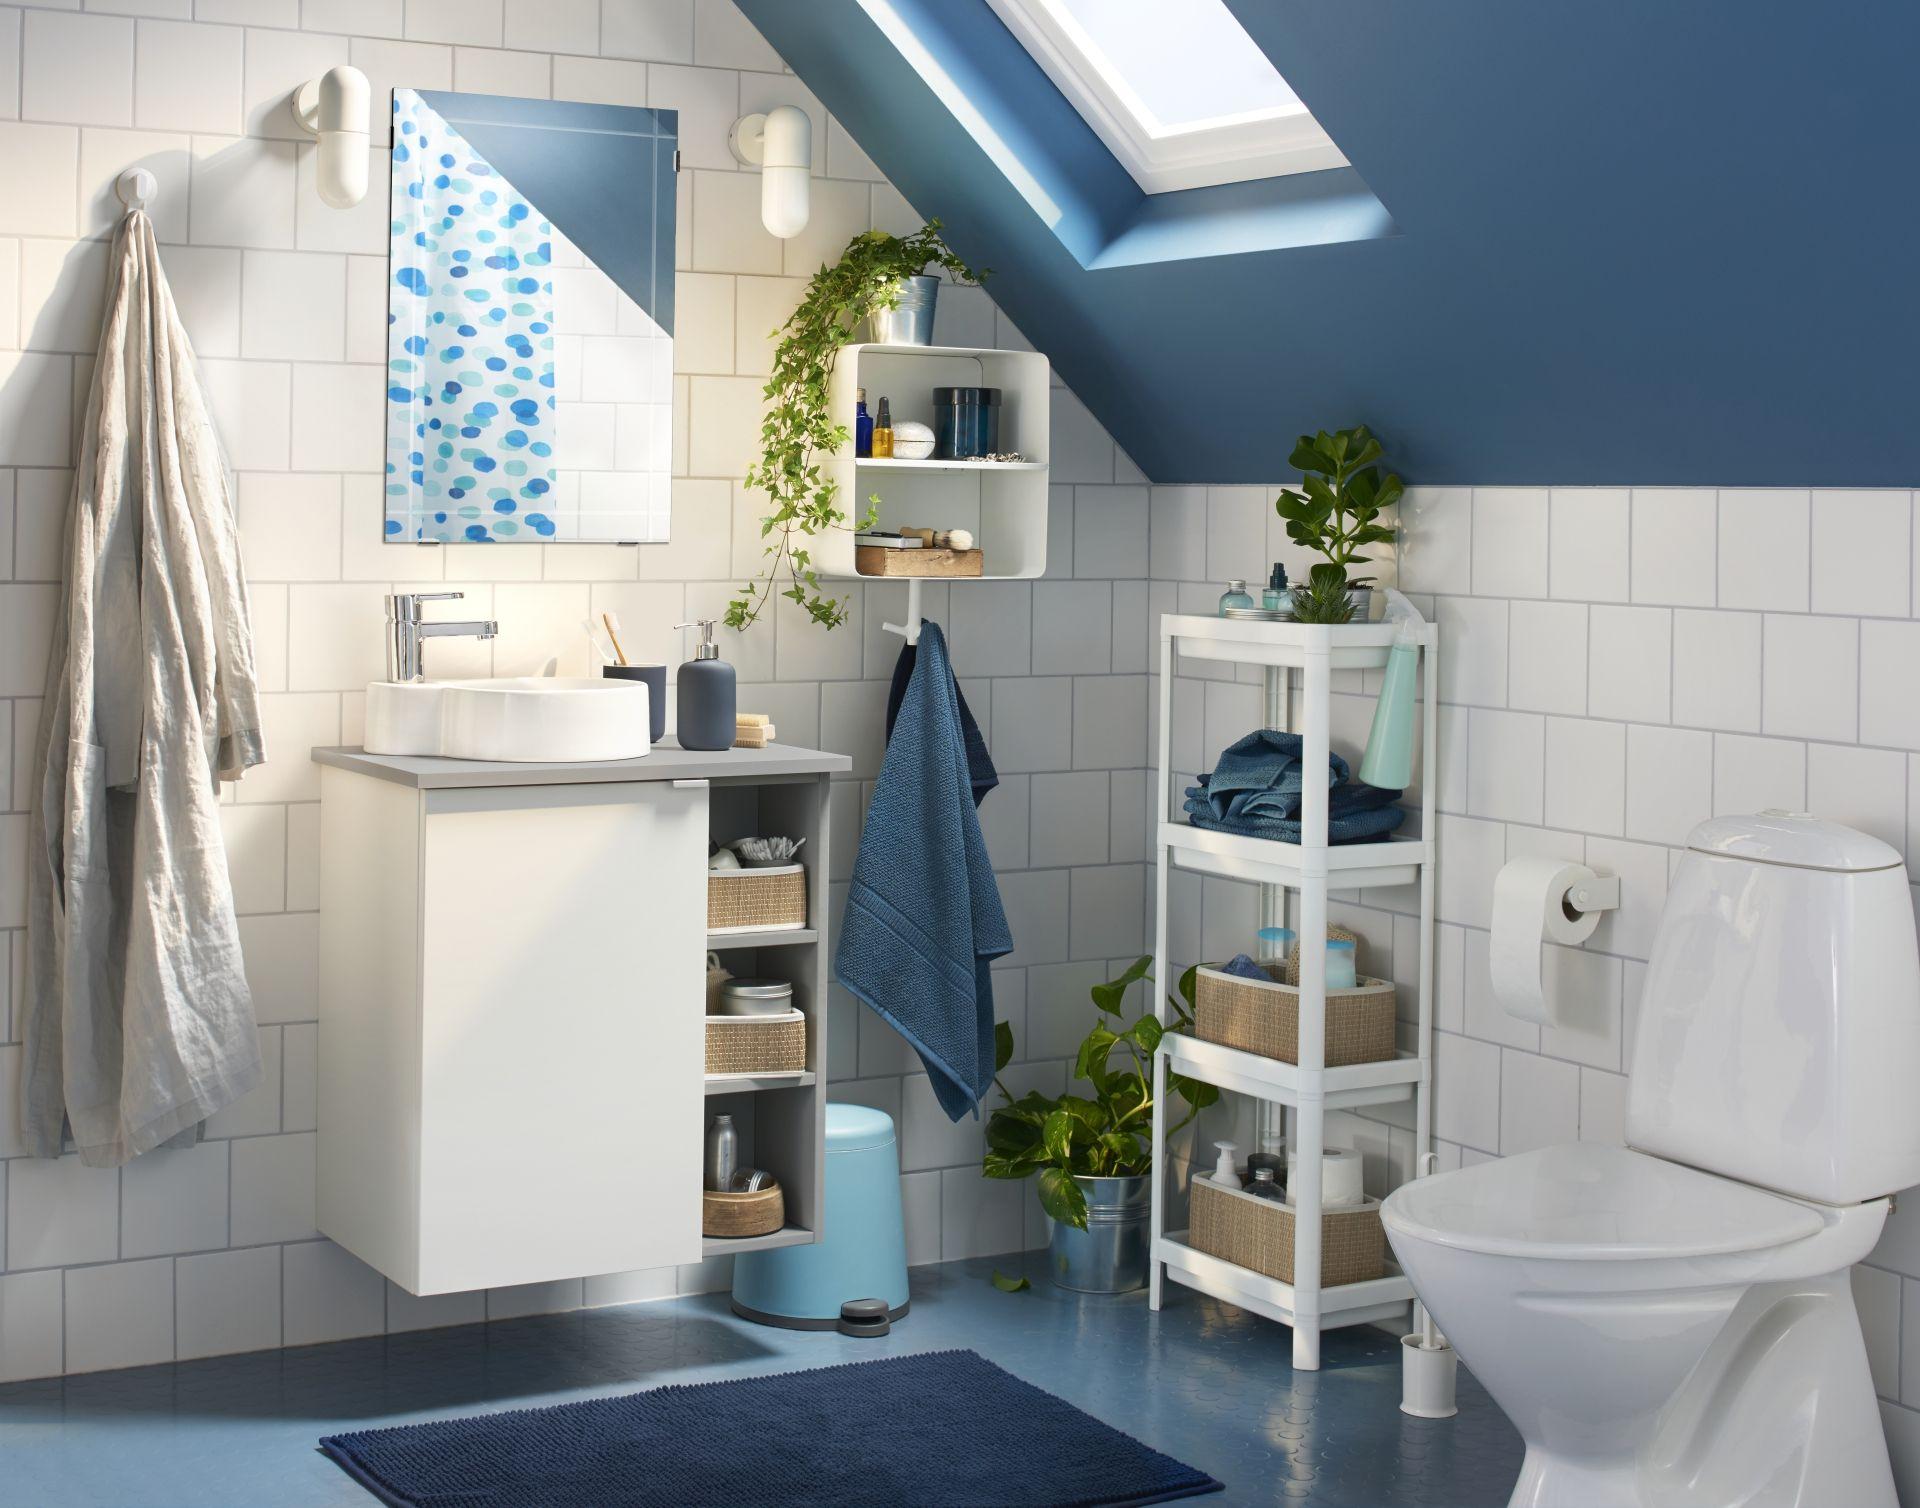 Nederland Design badkamer, Badkamer verbouwen en